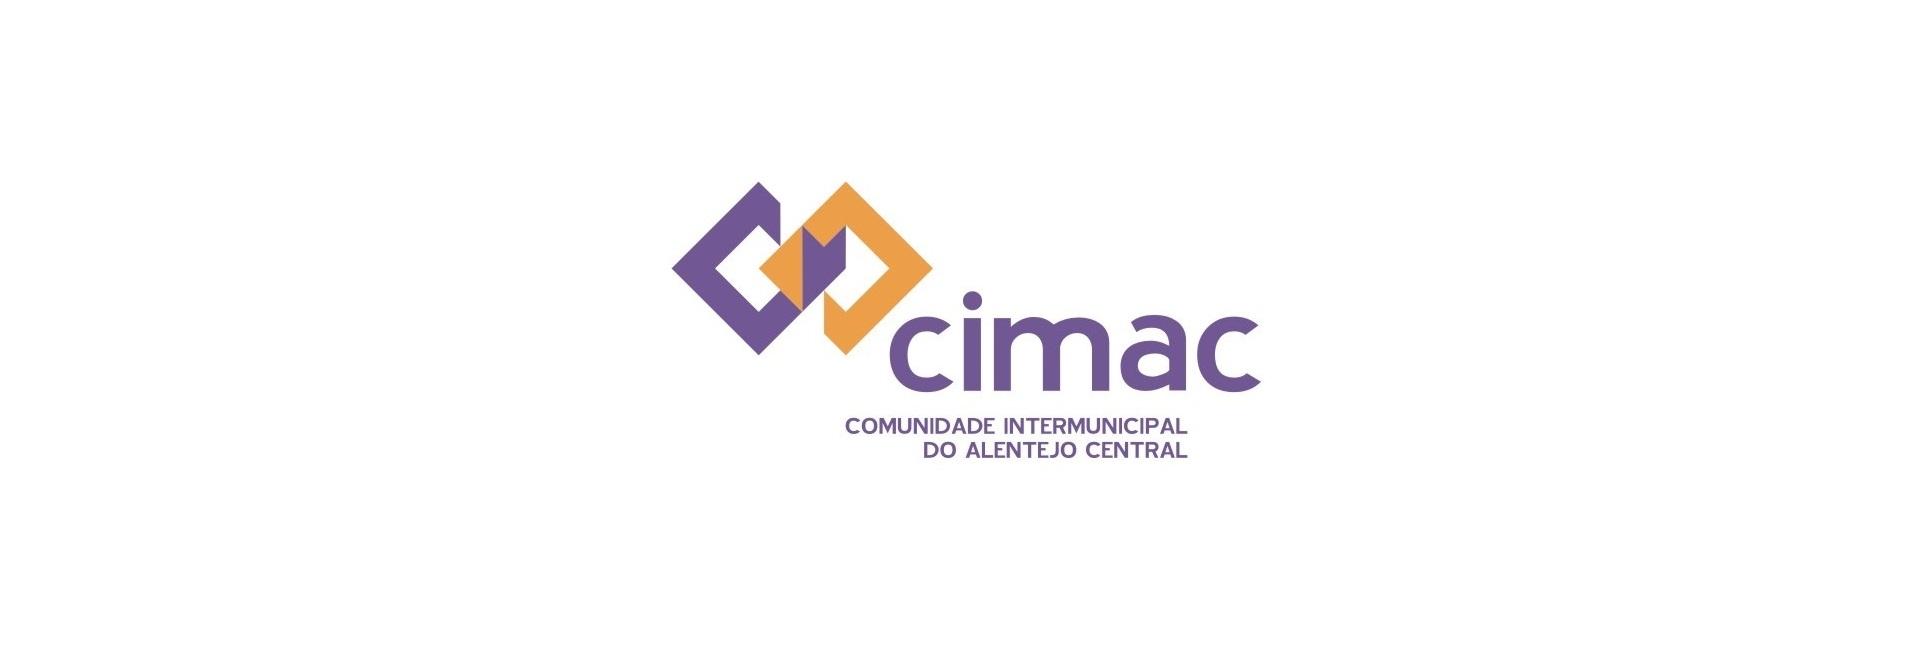 Edital 4/2021 – Deliberações Concelho Intermunicipal da CIMAC